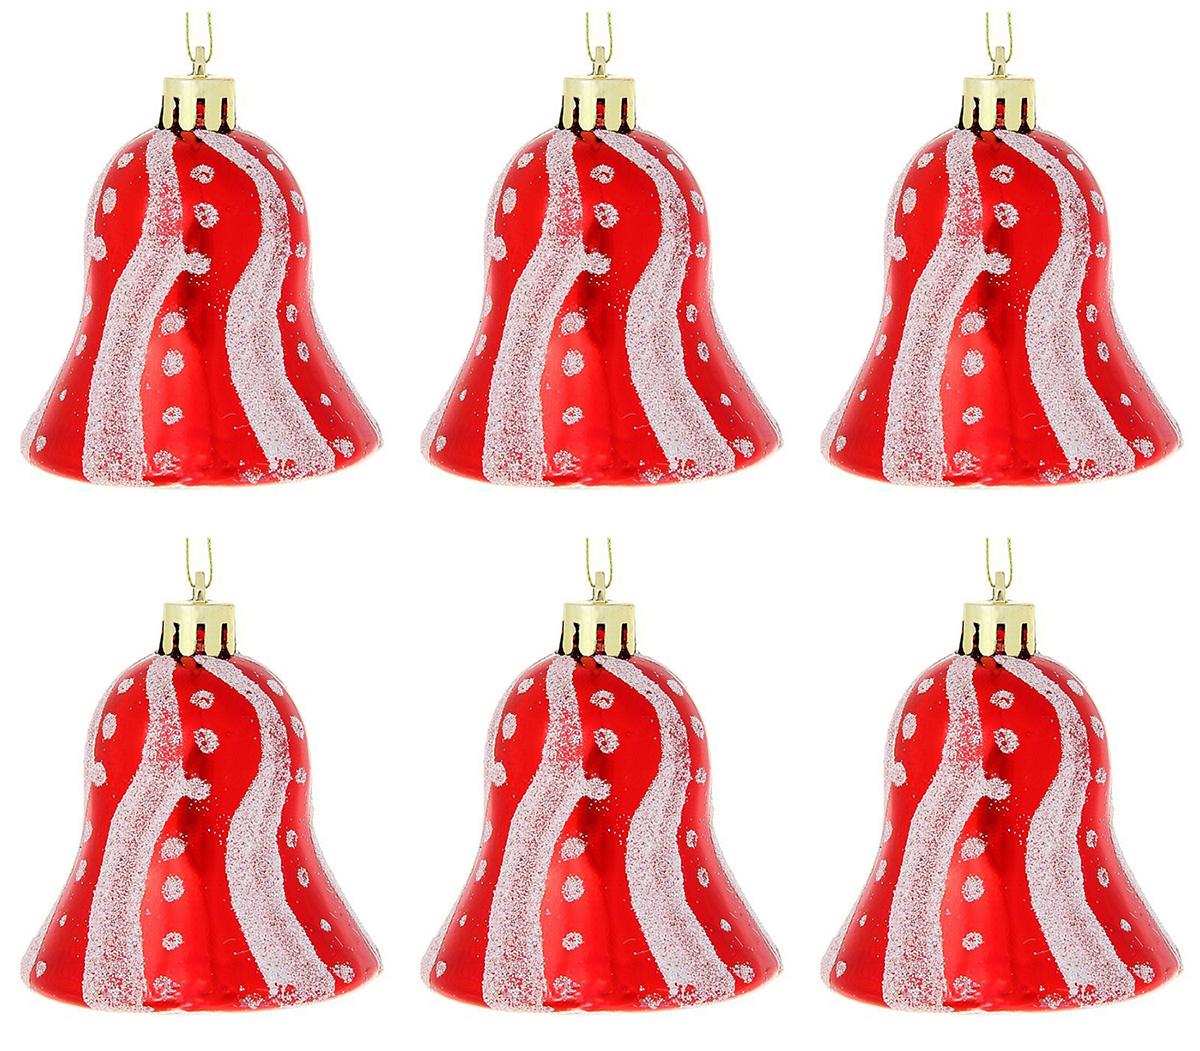 Новогоднее подвесное украшение Sima-land Колокольчик. Волна, 5,5 см, 6 шт1116492Новогоднее украшение Sima-land отлично подойдет для декорации вашего дома и новогодней ели. Елочная игрушка - символ Нового года. Она несет в себе волшебство и красоту праздника. Такое украшение создаст в вашем доме атмосферу праздника, веселья и радости.